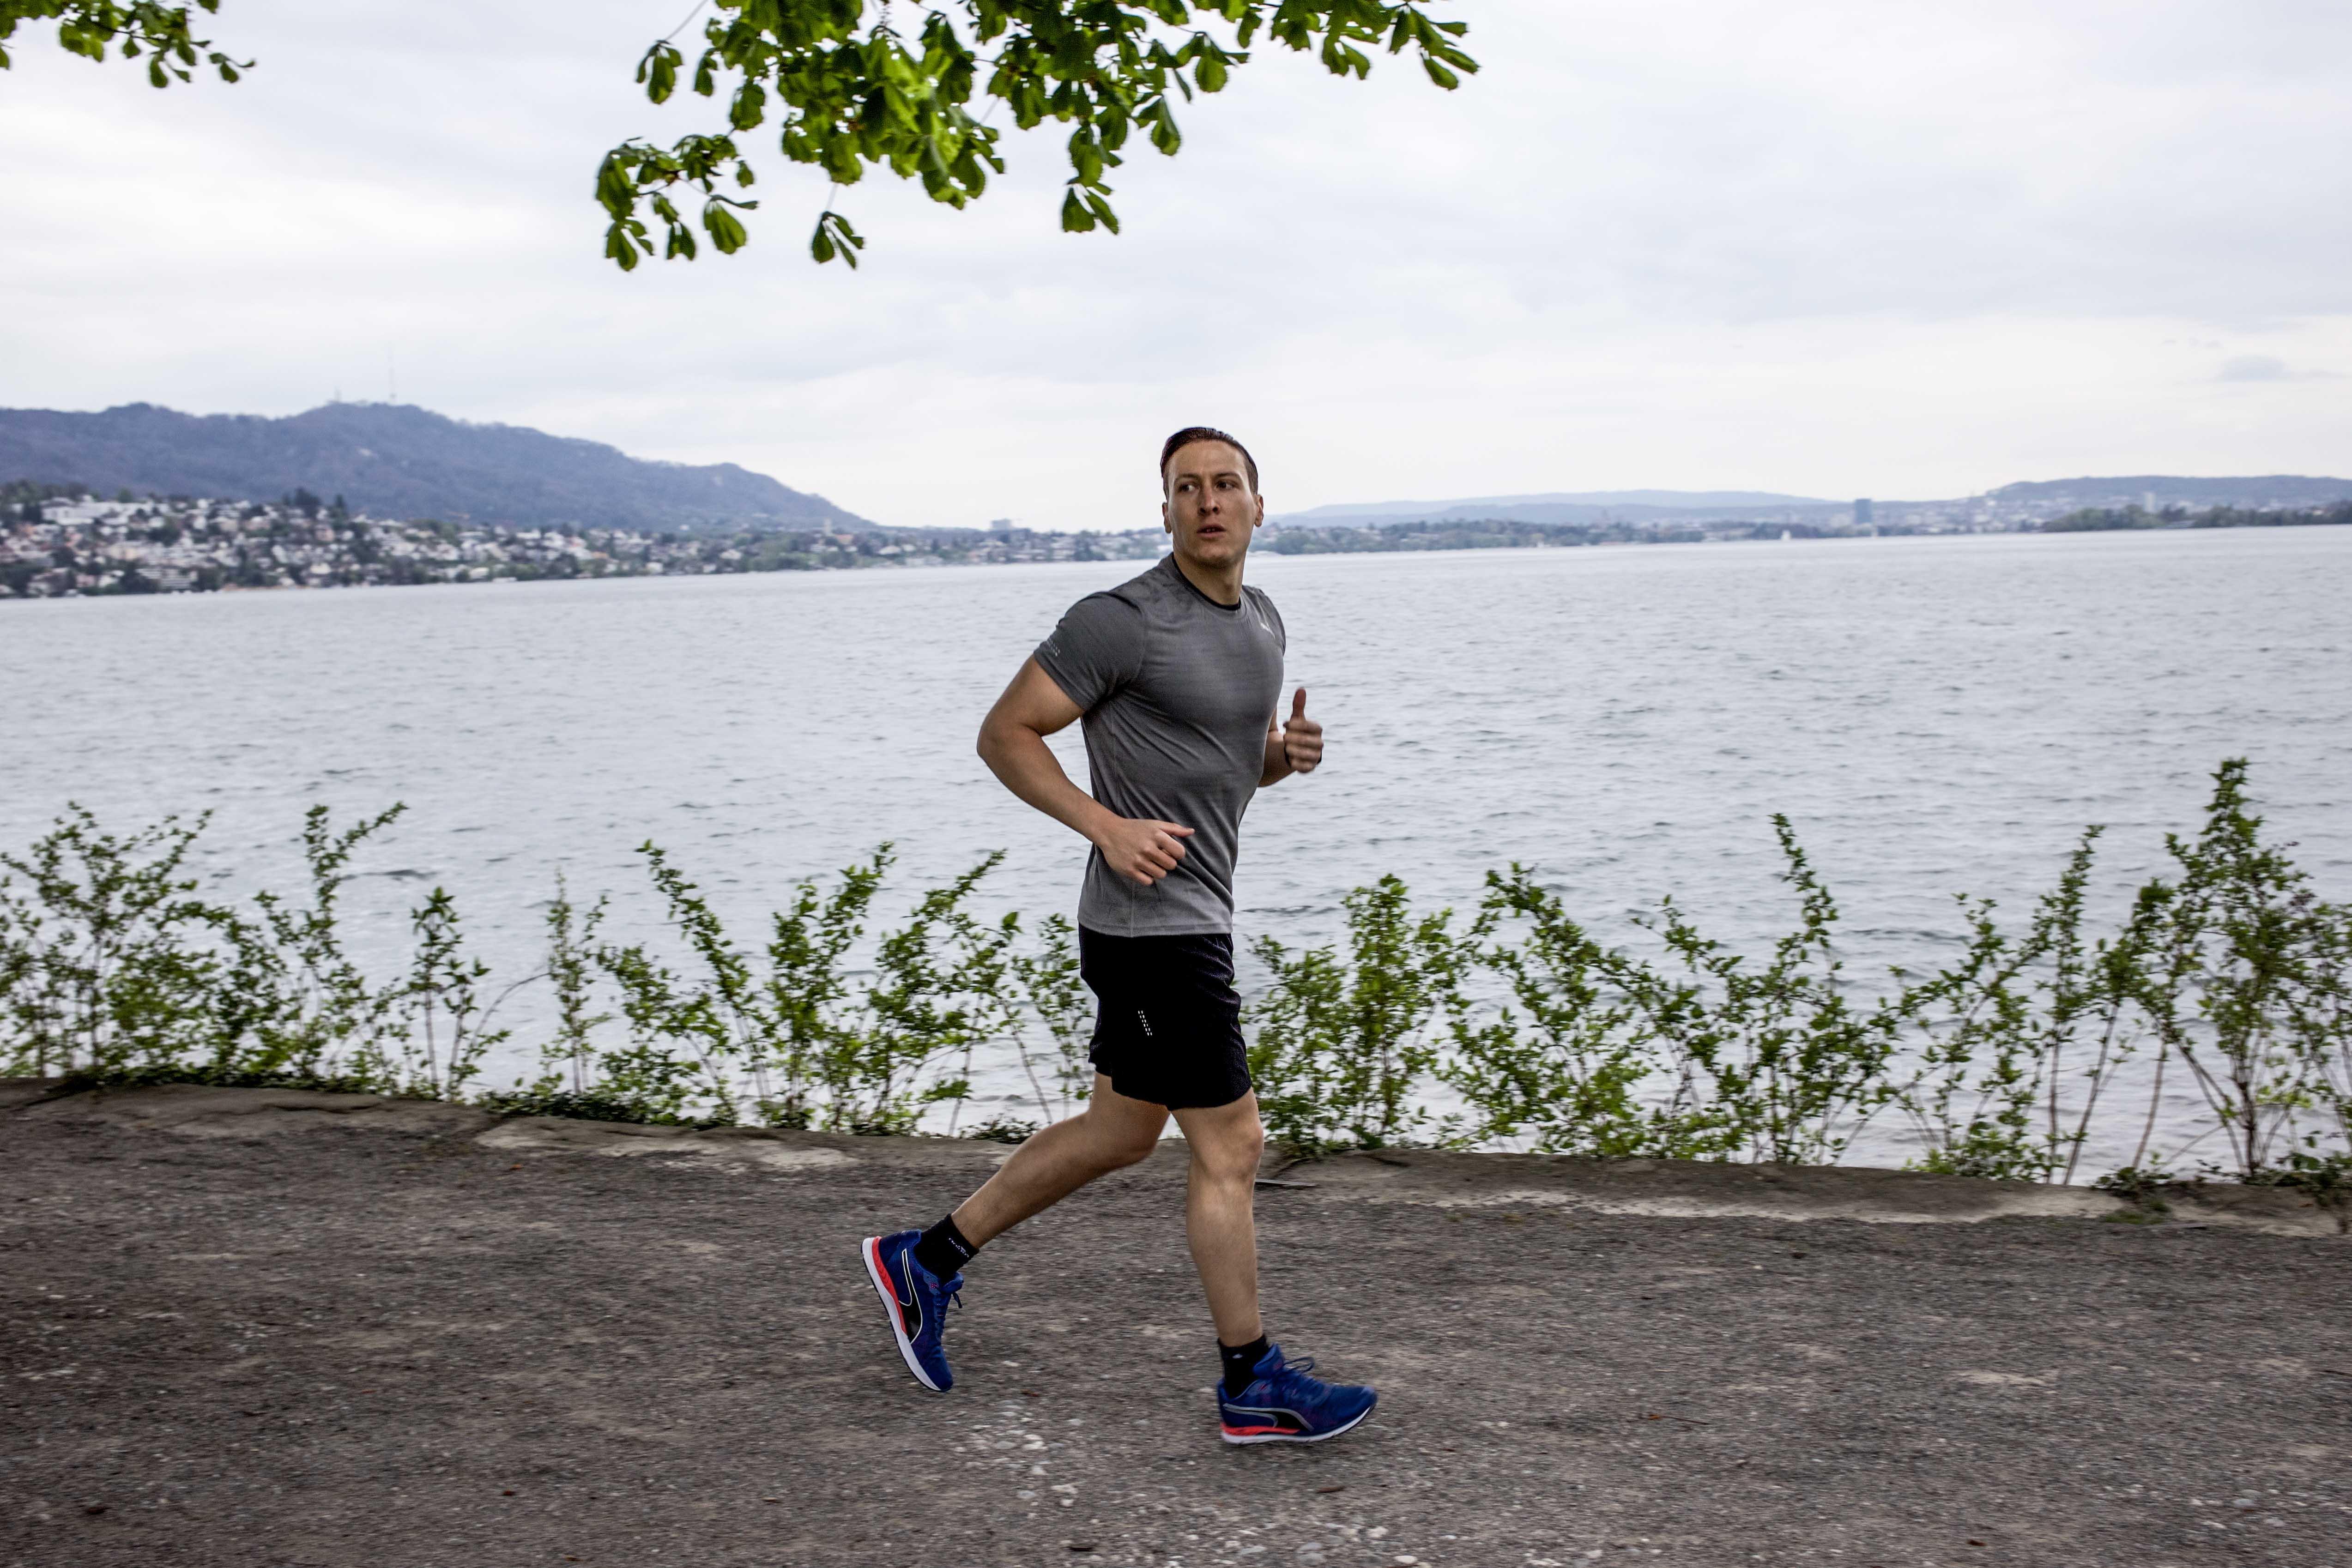 sport-running-laufen-gym-tipps-puma-training_7441